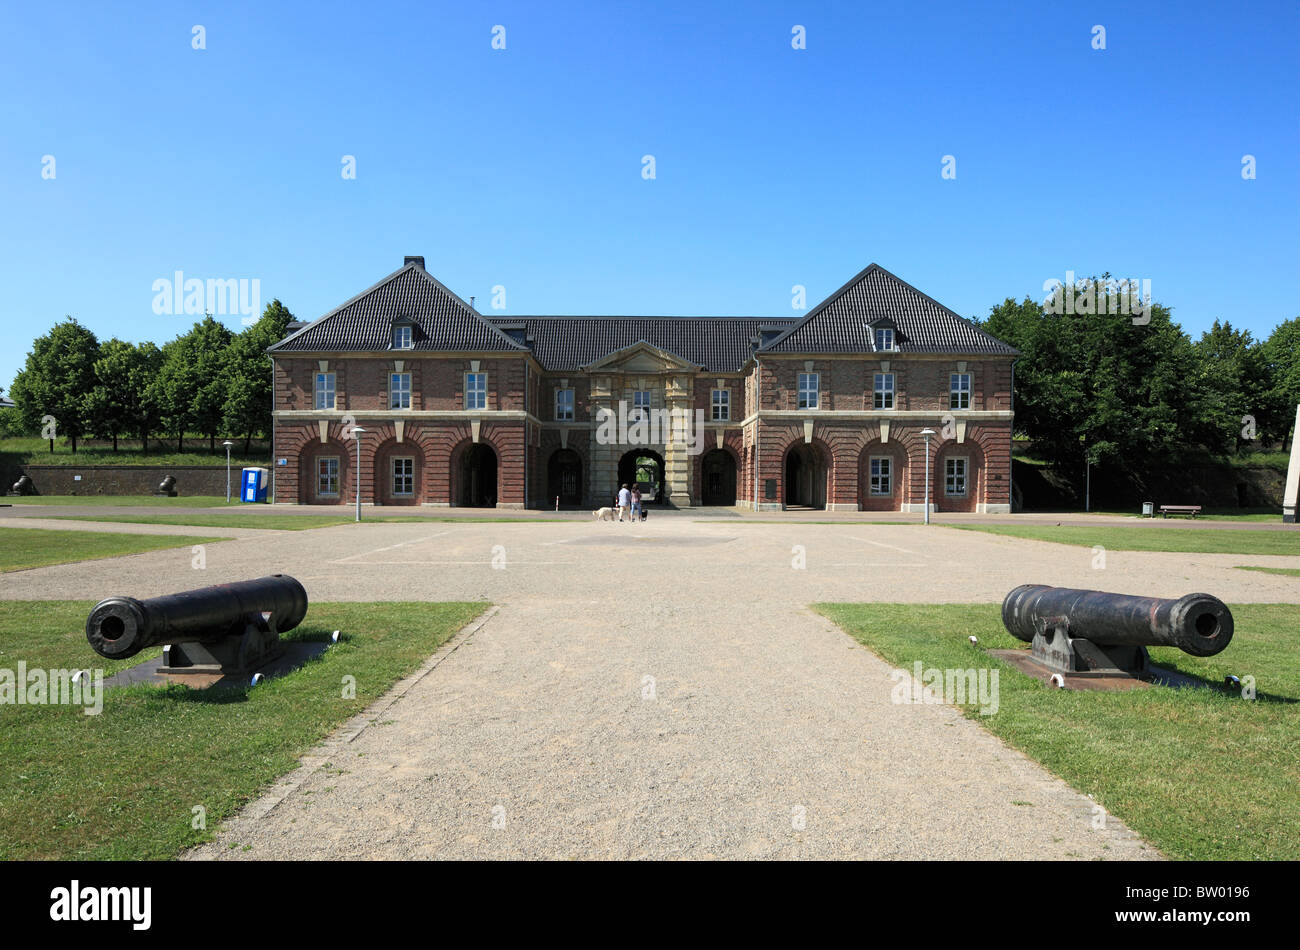 Haupttor der Zitadelle und Kanonen, Wesel, Niederrhein, Nordrhein-Westfalen Stock Photo